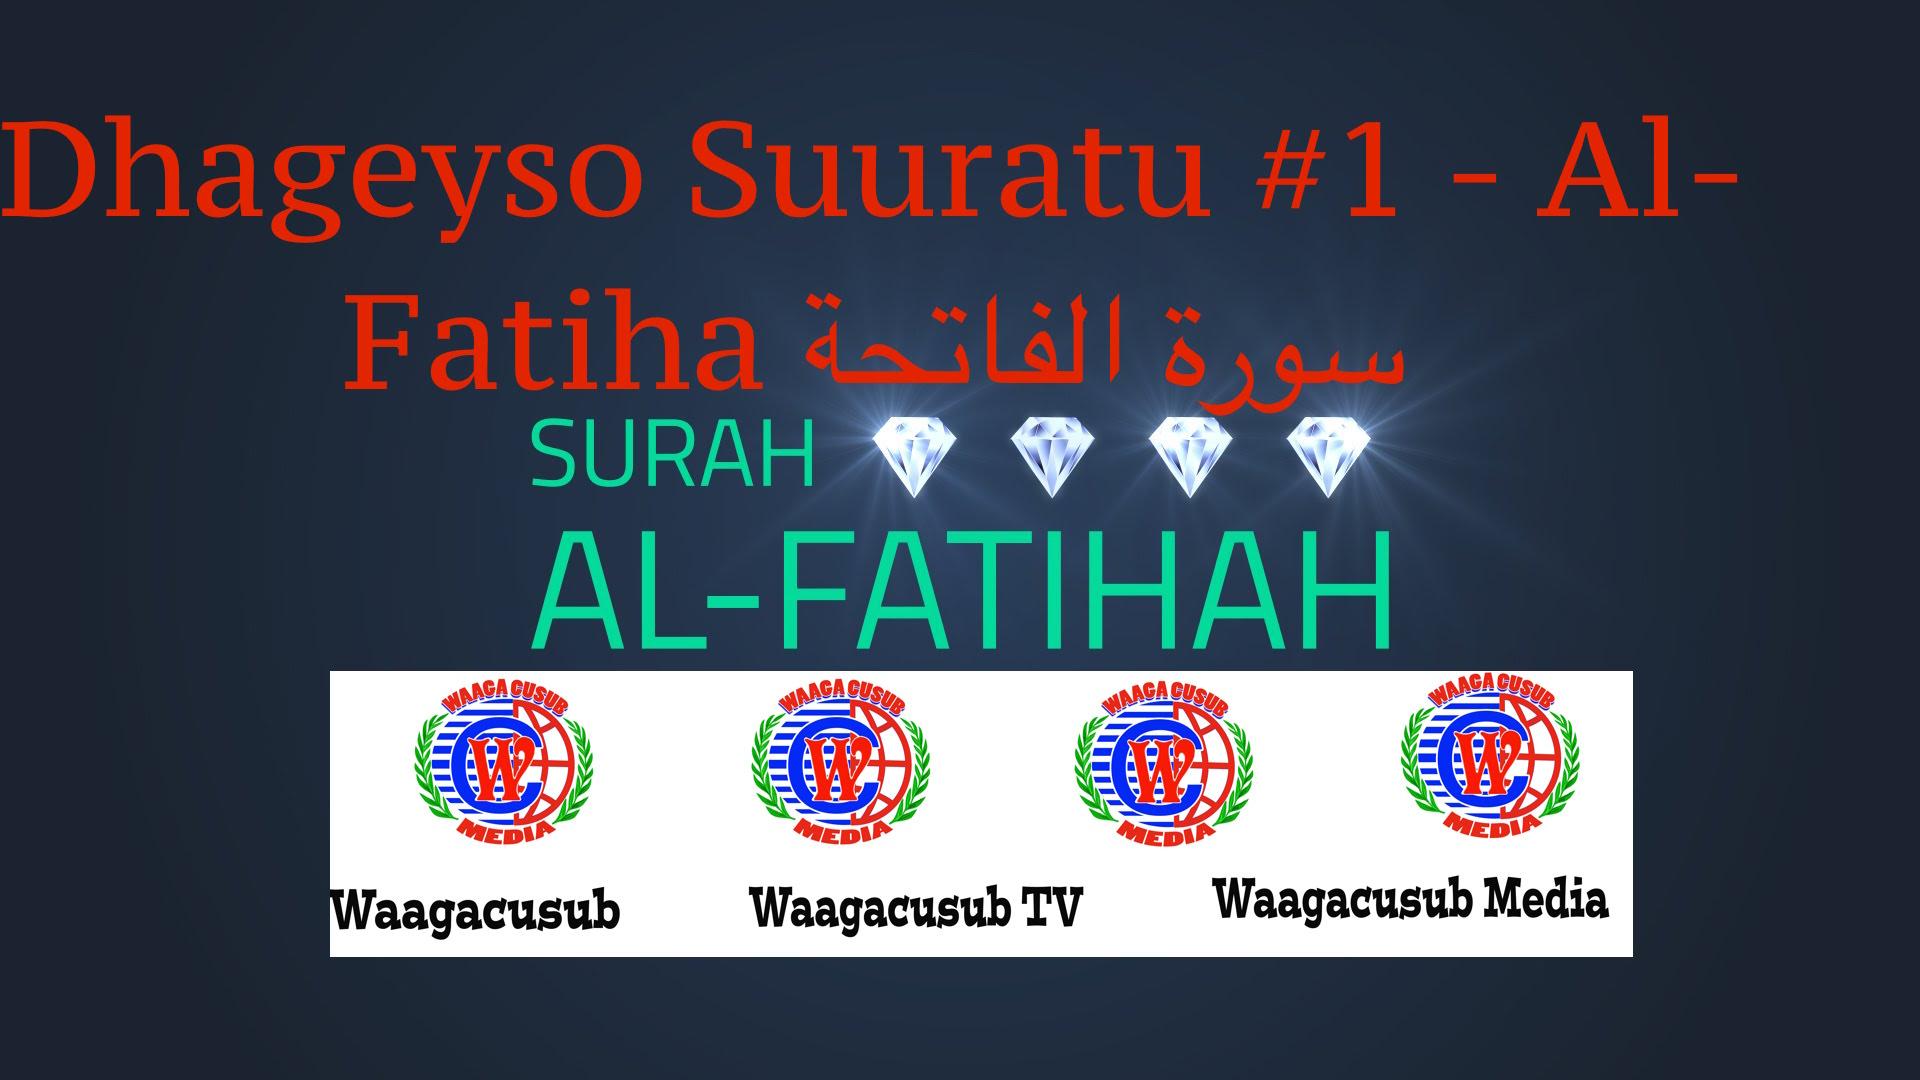 Dhageyso Suratu #1 - Al-Fatiha ! Next surat (#2 - Al-Baqara )بِسْمِ اللَّهِ الرَّحْمَٰنِ الرَّحِيمِ[١]الْحَمْدُ لِلَّهِ رَبِّ الْعَالَمِينَ[٢]الرَّحْمَٰنِ الرَّحِيمِ[٣]مَالِكِ يَوْمِ الدِّينِ[٤]إِيَّاكَ نَعْبُدُ وَإِيَّاكَ نَسْتَعِينُ[٥]اهْدِنَا الصِّرَاطَ الْمُسْتَقِيمَ[٦]صِرَاطَ الَّذِينَ أَنْعَمْتَ